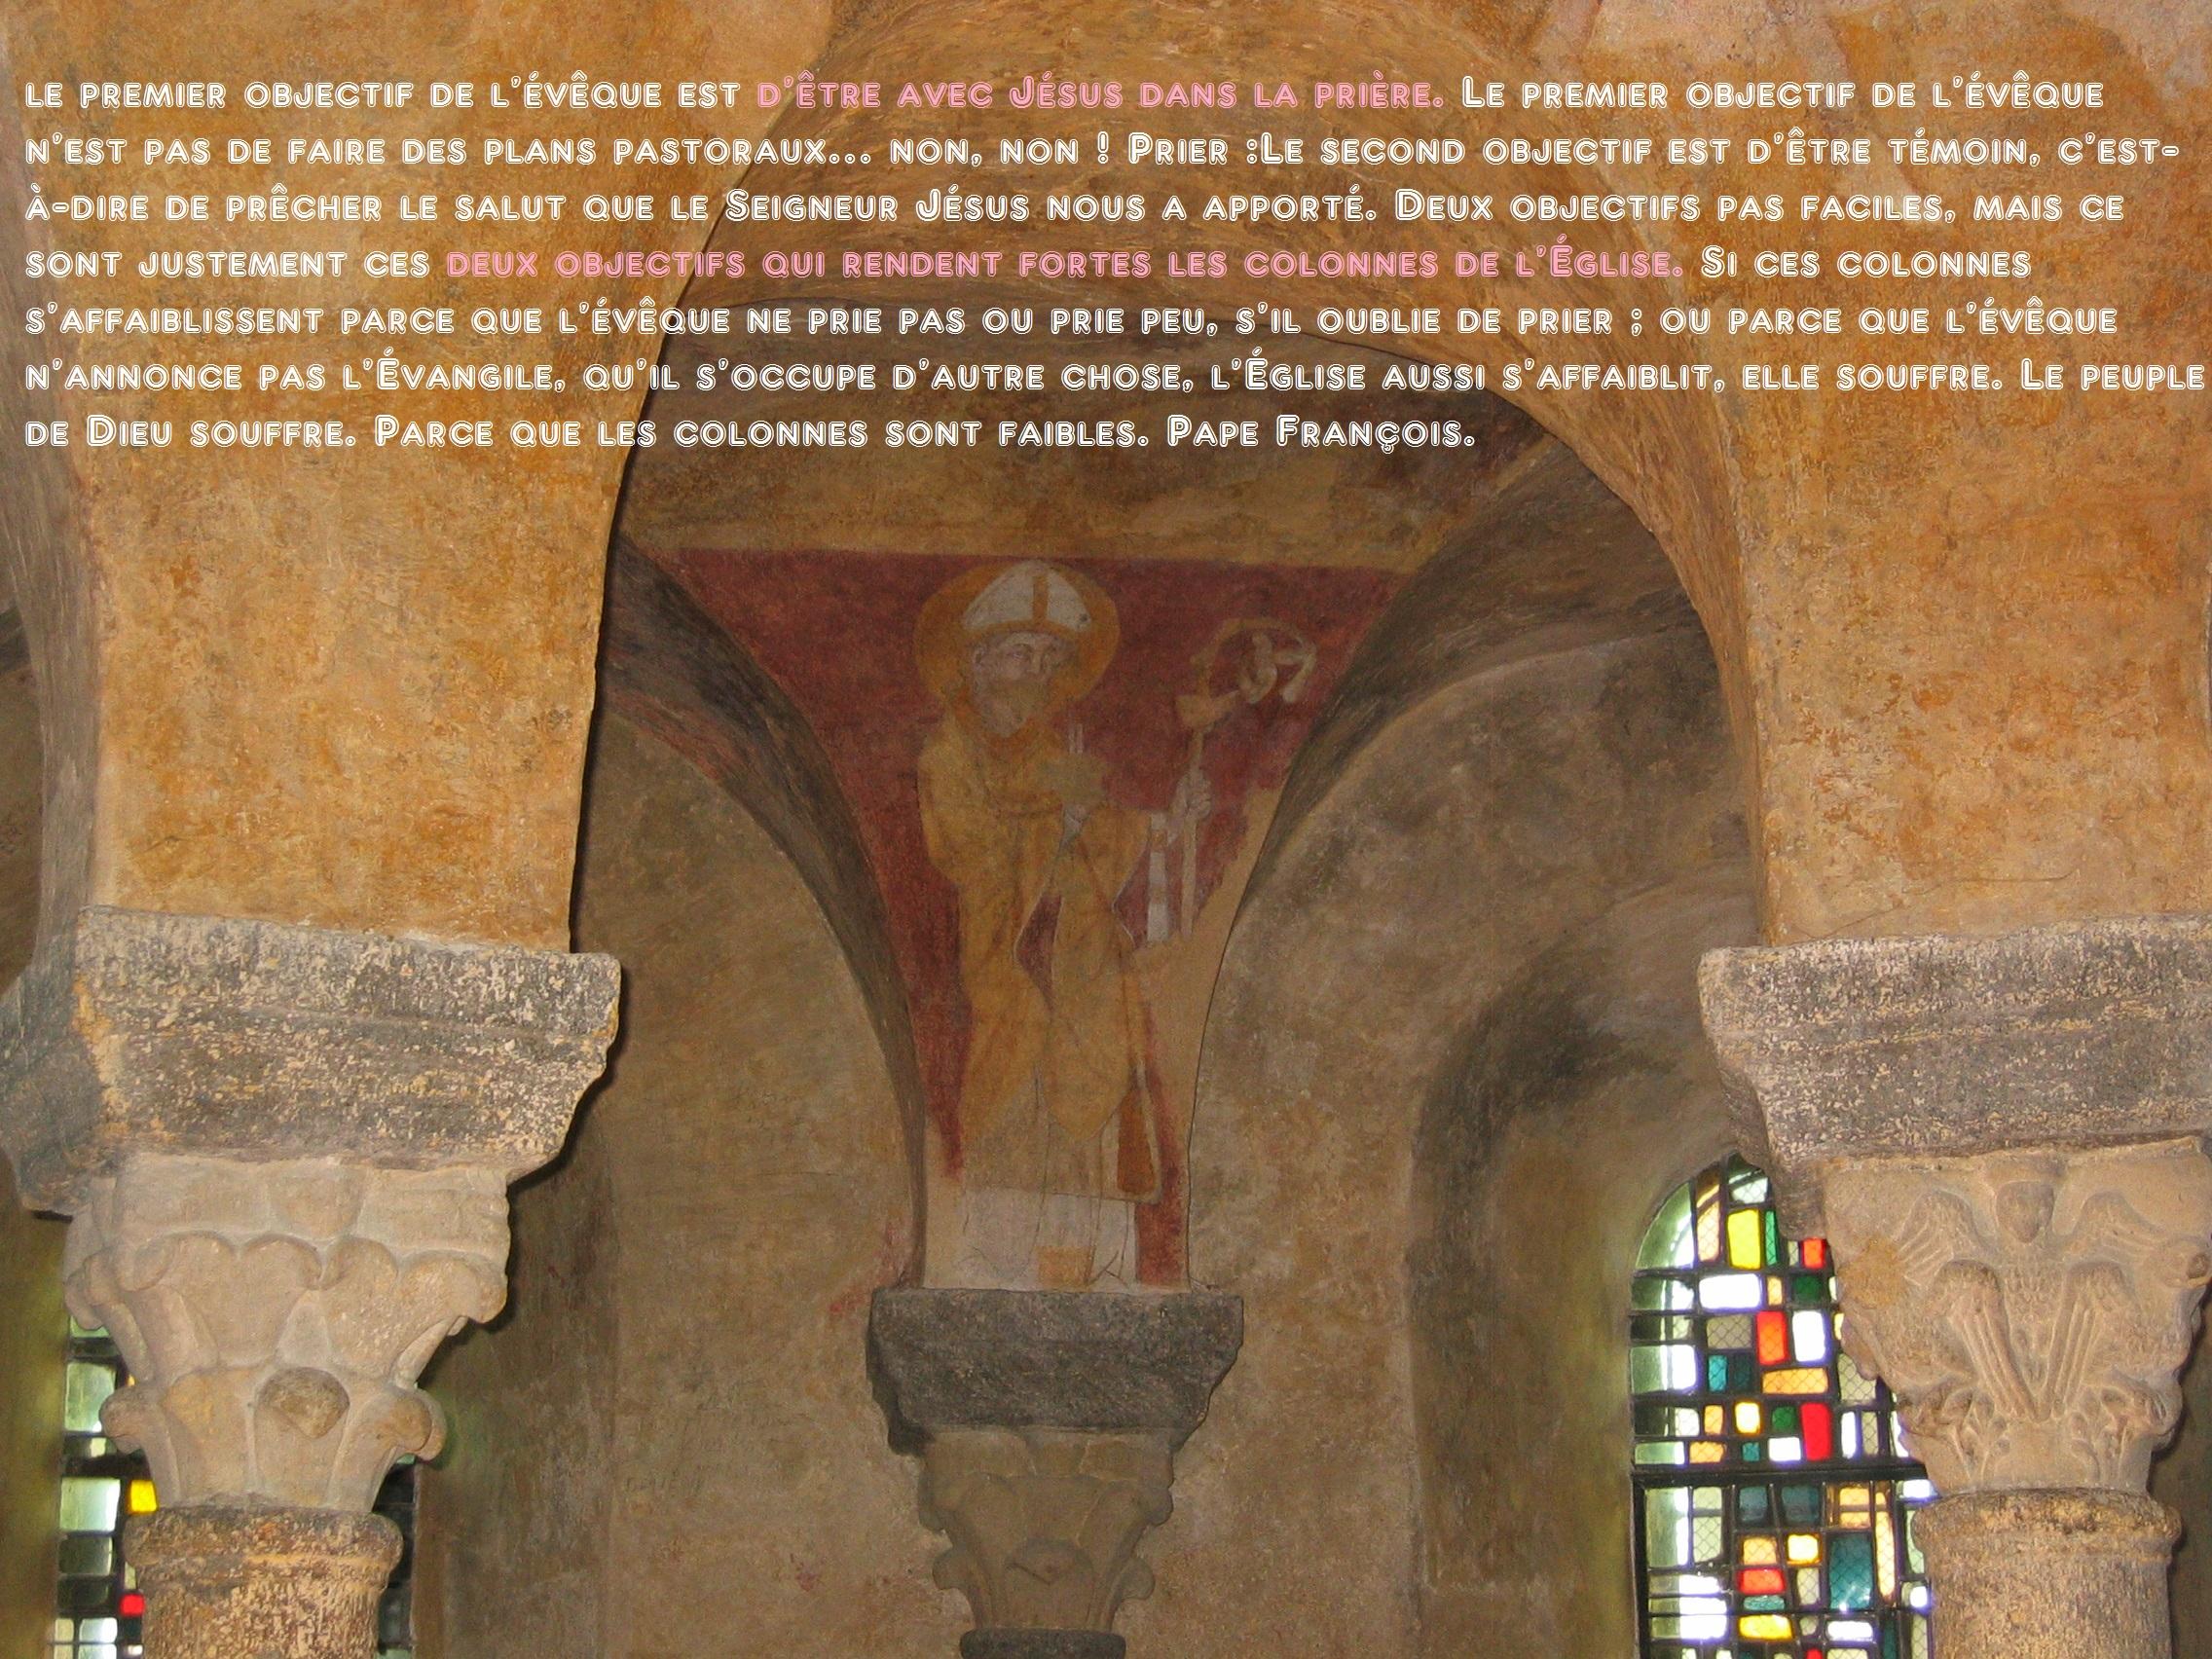 Photo AnneCéline©, merci de citer le site source Saint Joseph du Web